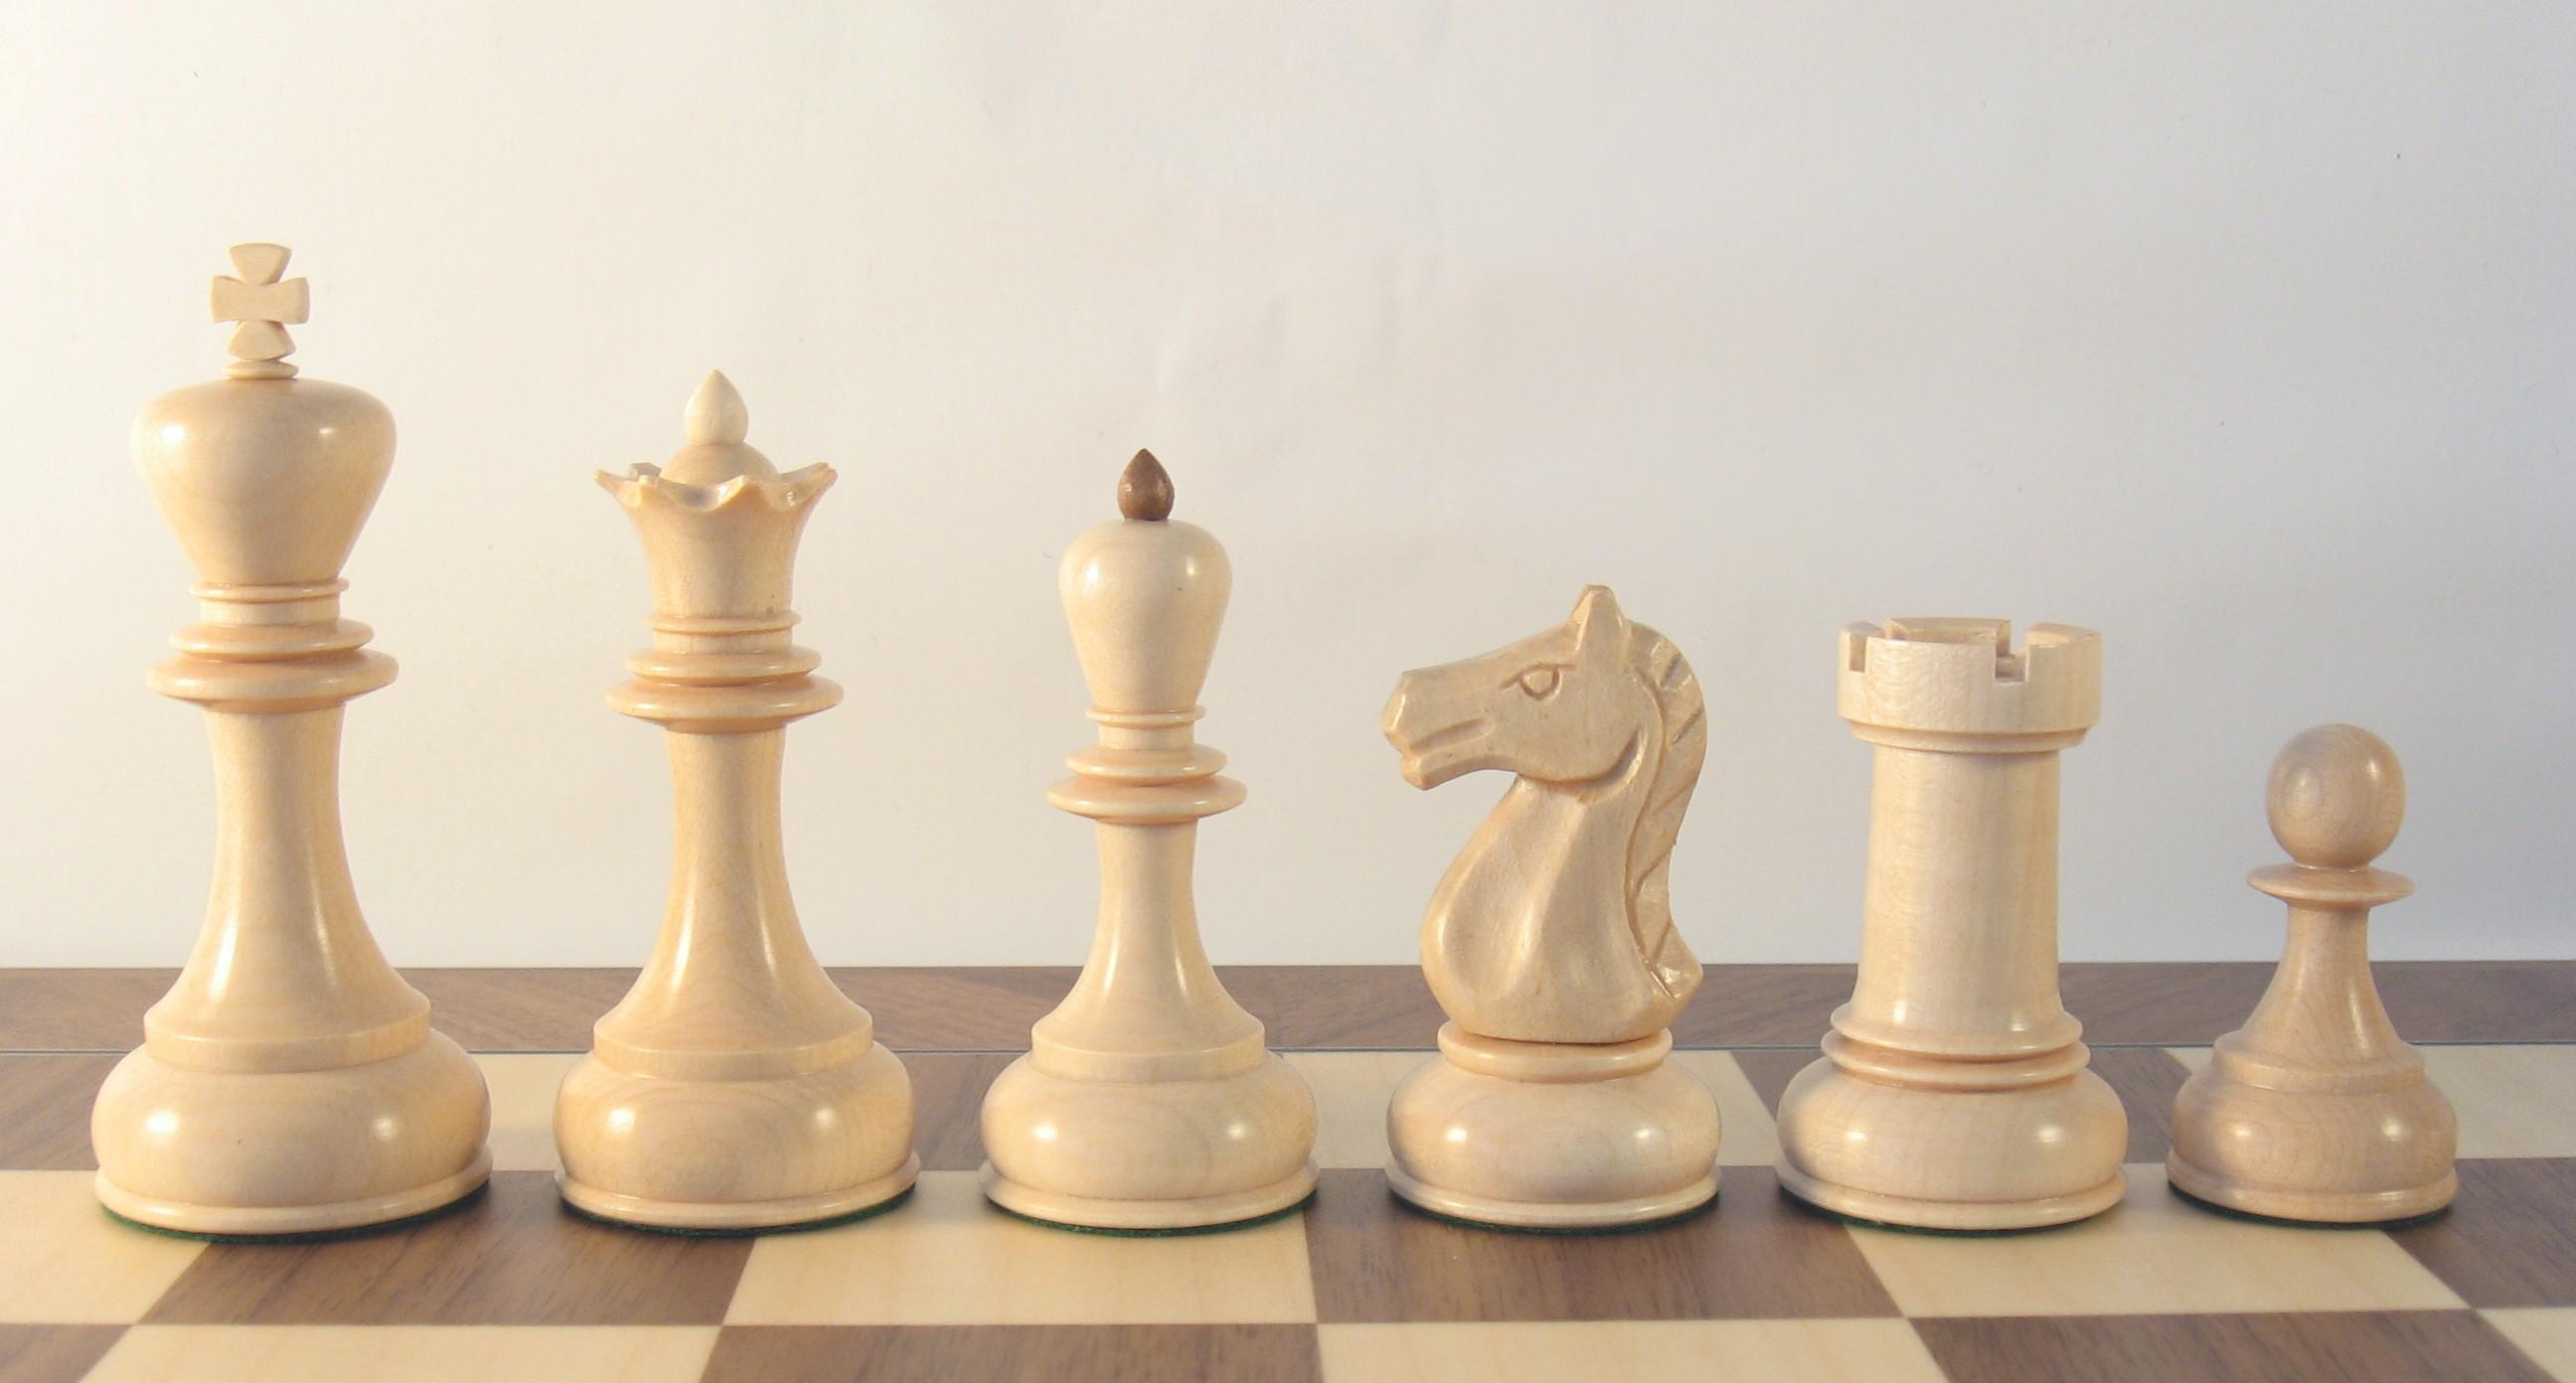 фото шахматной ладьи без доски нее